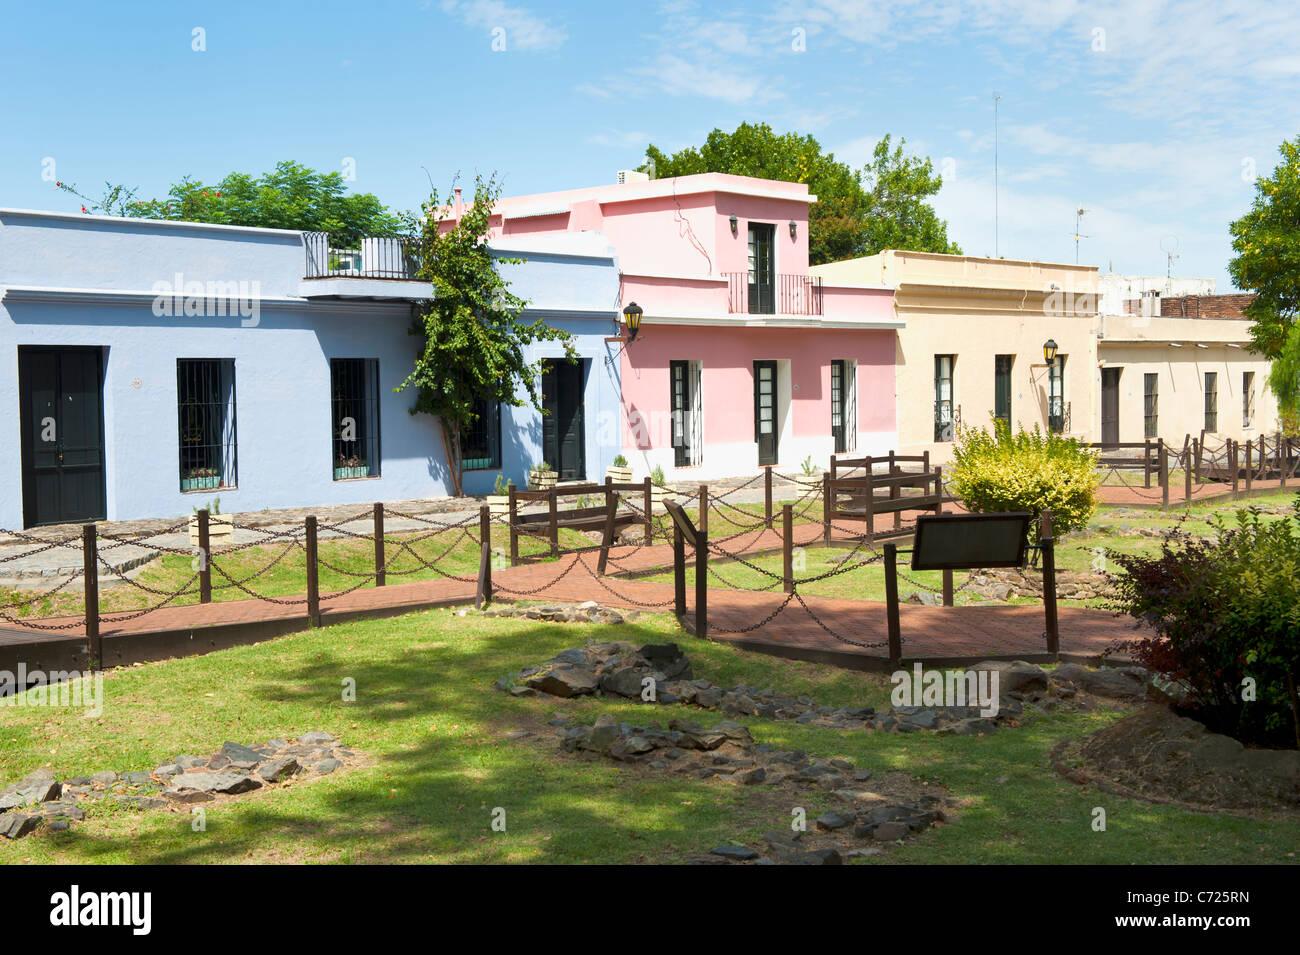 Colonia del Sacramento, Old City, Uruguay - Stock Image